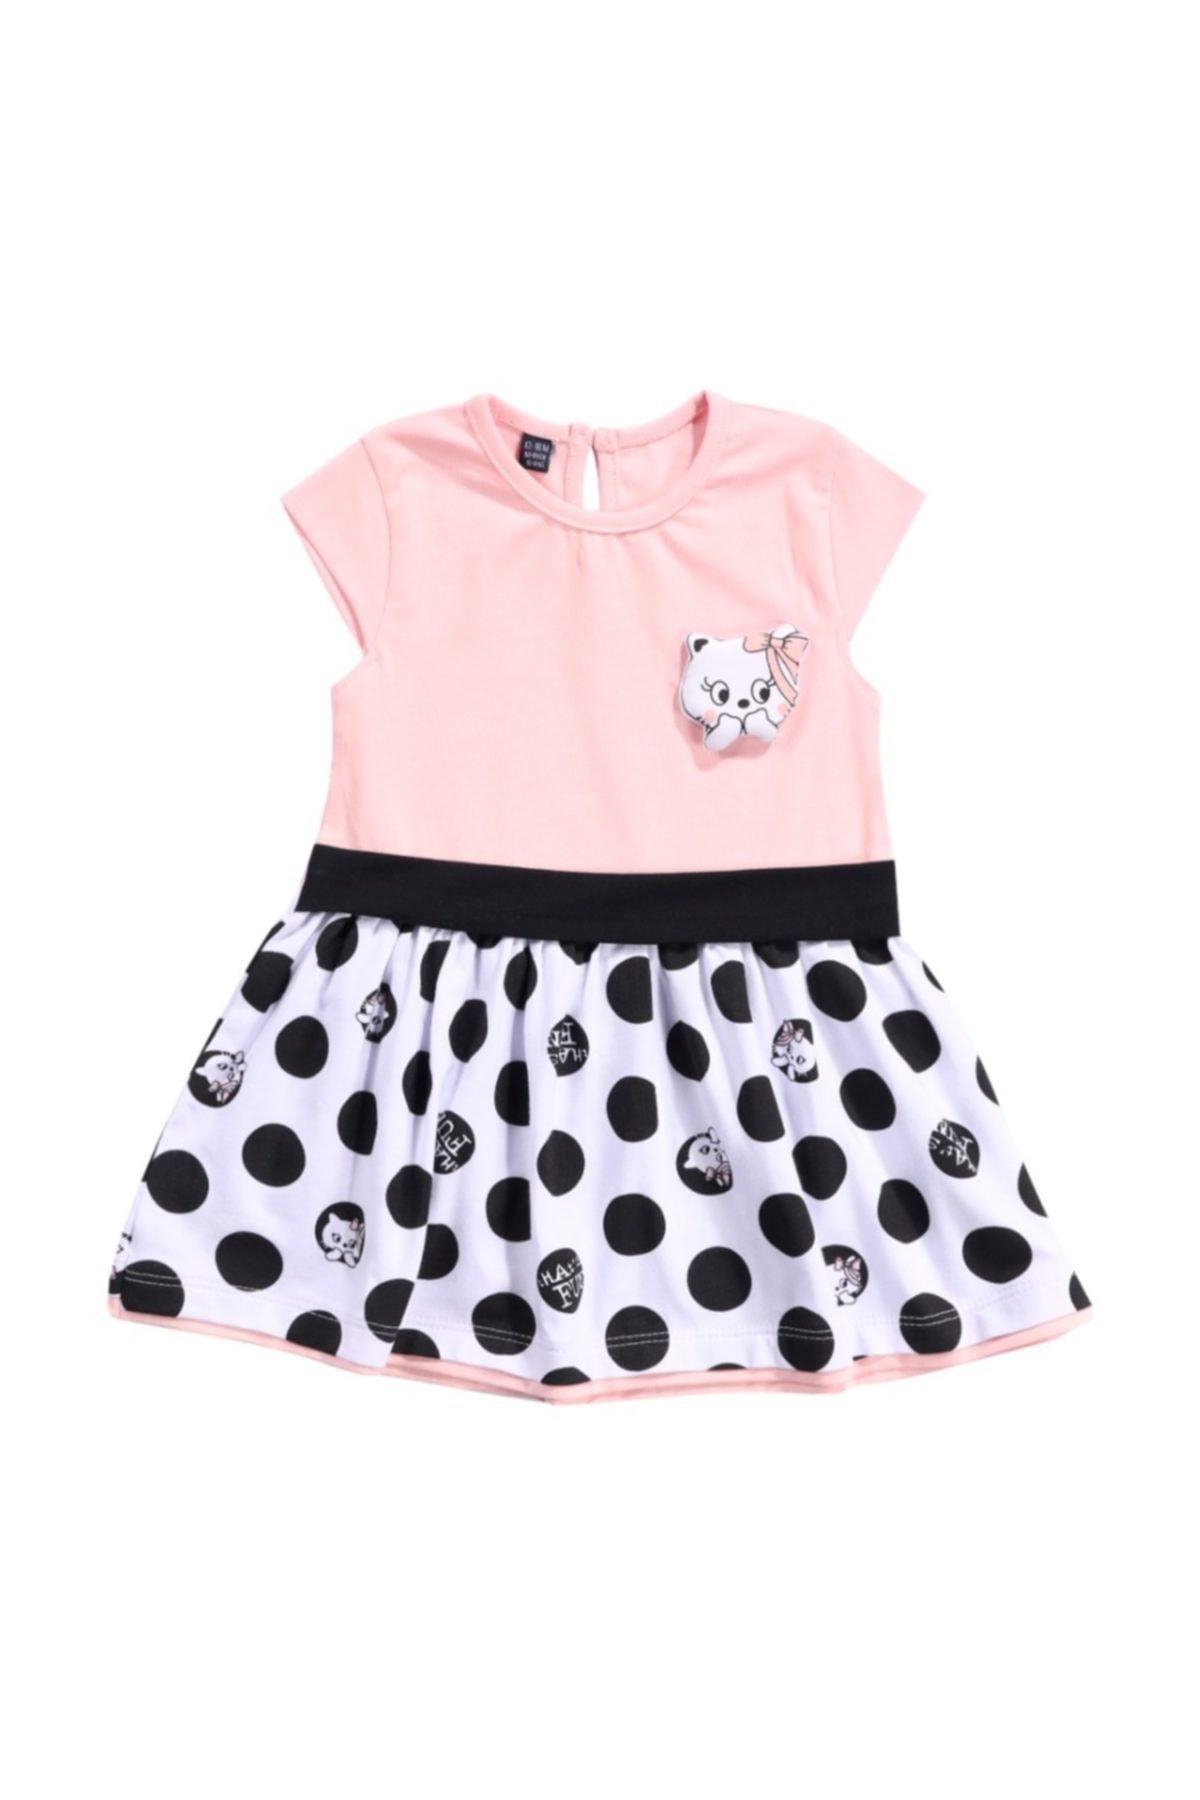 Bebüş Miniworld Kız Bebek 6/24 Ay Penye Pamuklu Elbise 1